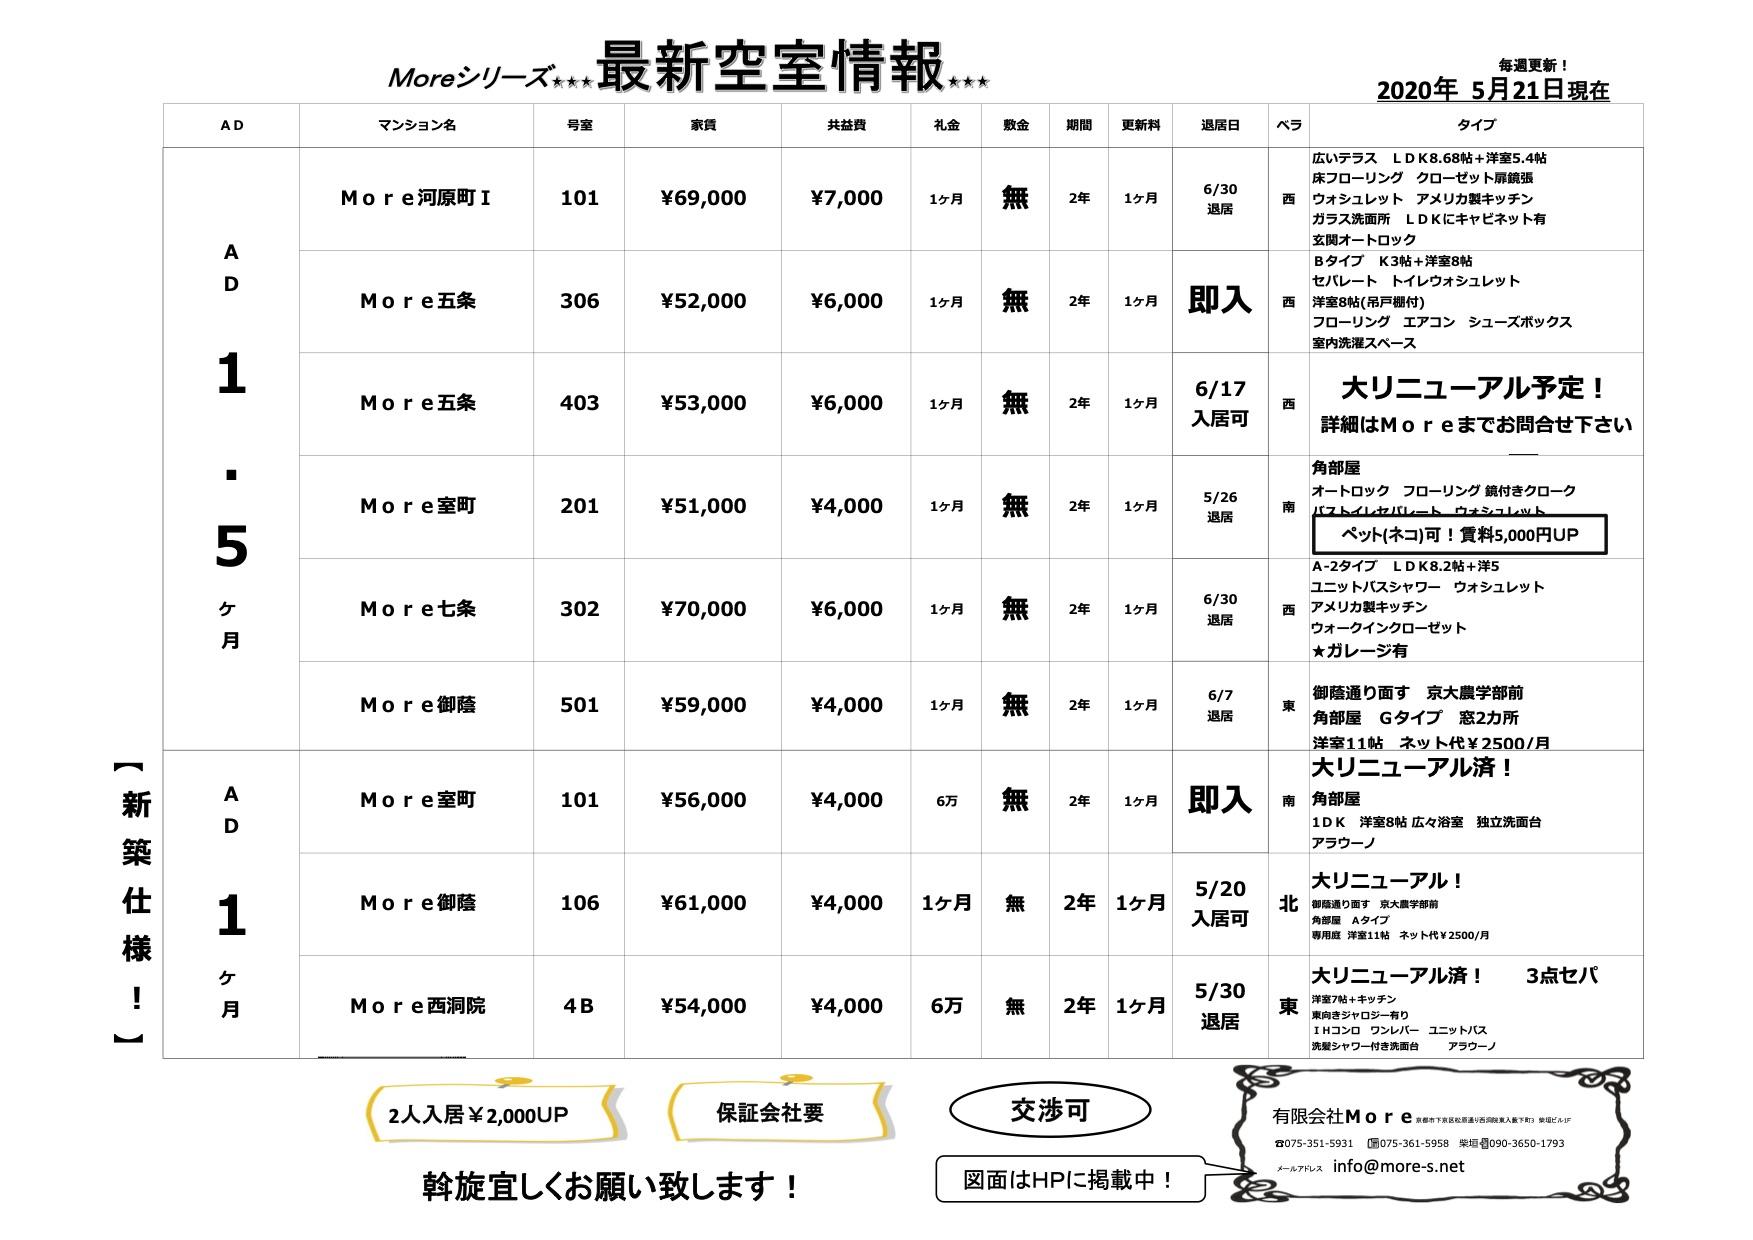 【20200521京都①】最新空室情報